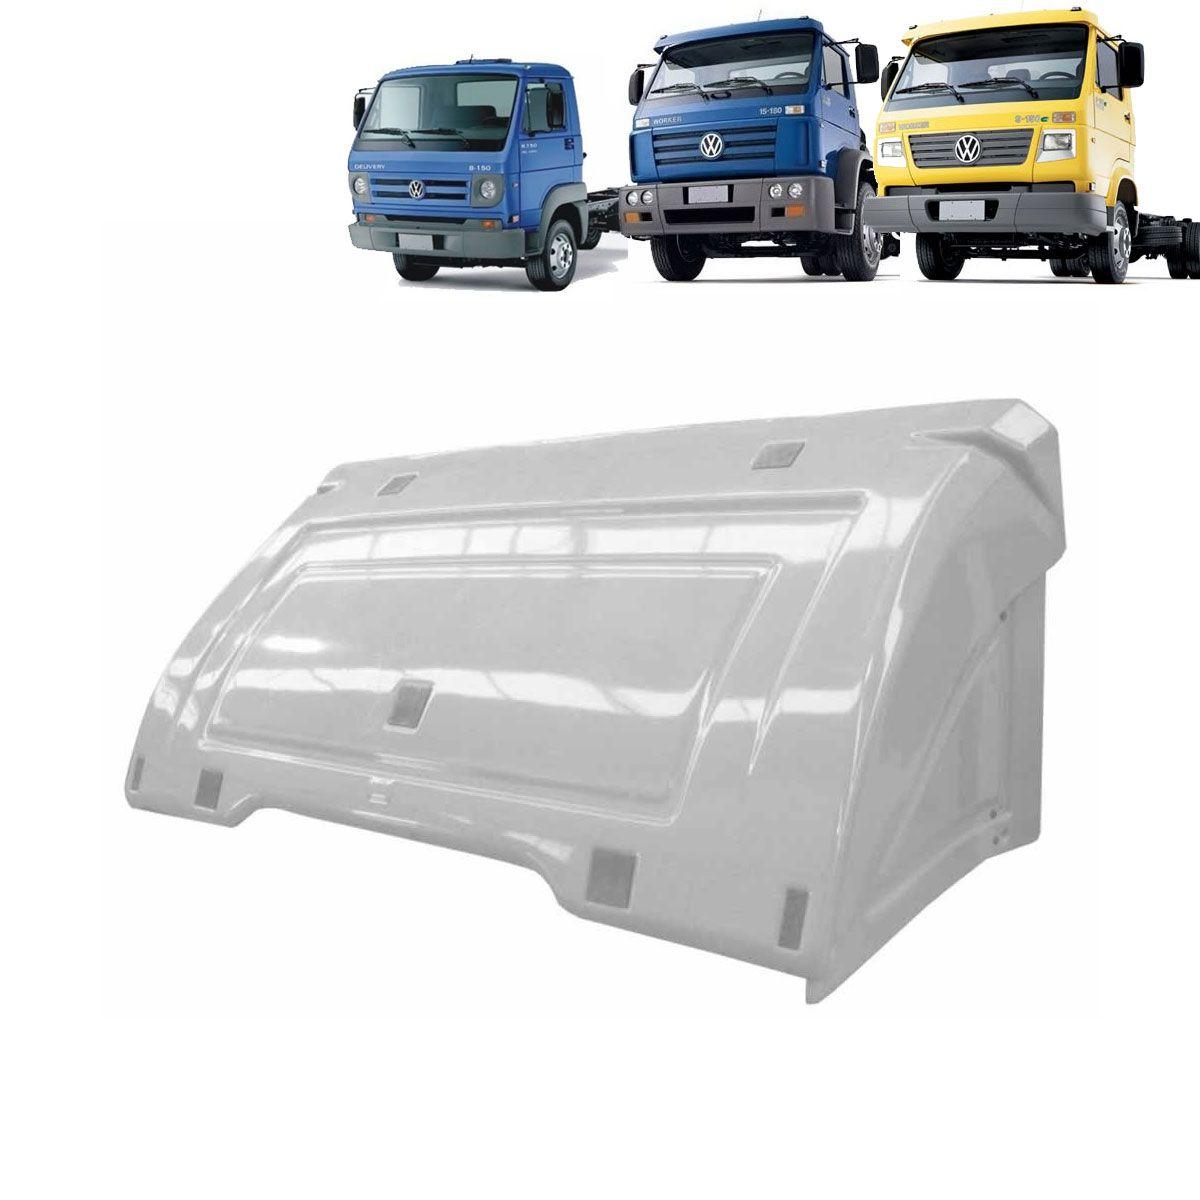 Defletor de Ar Volkswagen Delivery | Titan | Worker Parcial com Regulagem